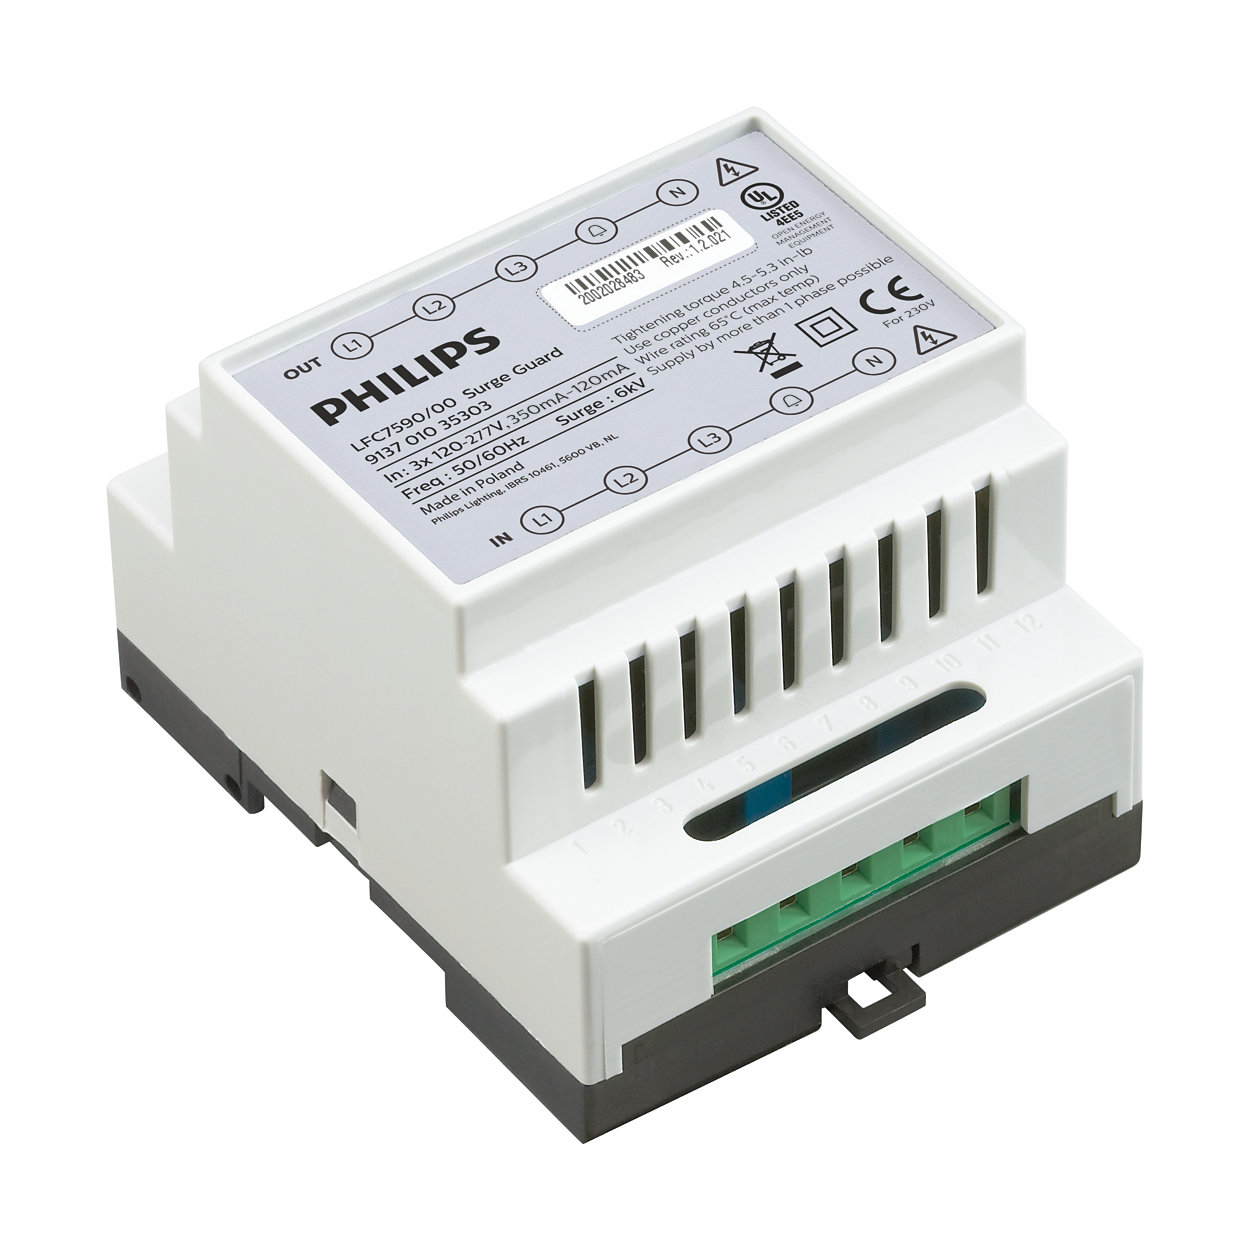 Controllo e monitoraggio dell'illuminazione per esterni